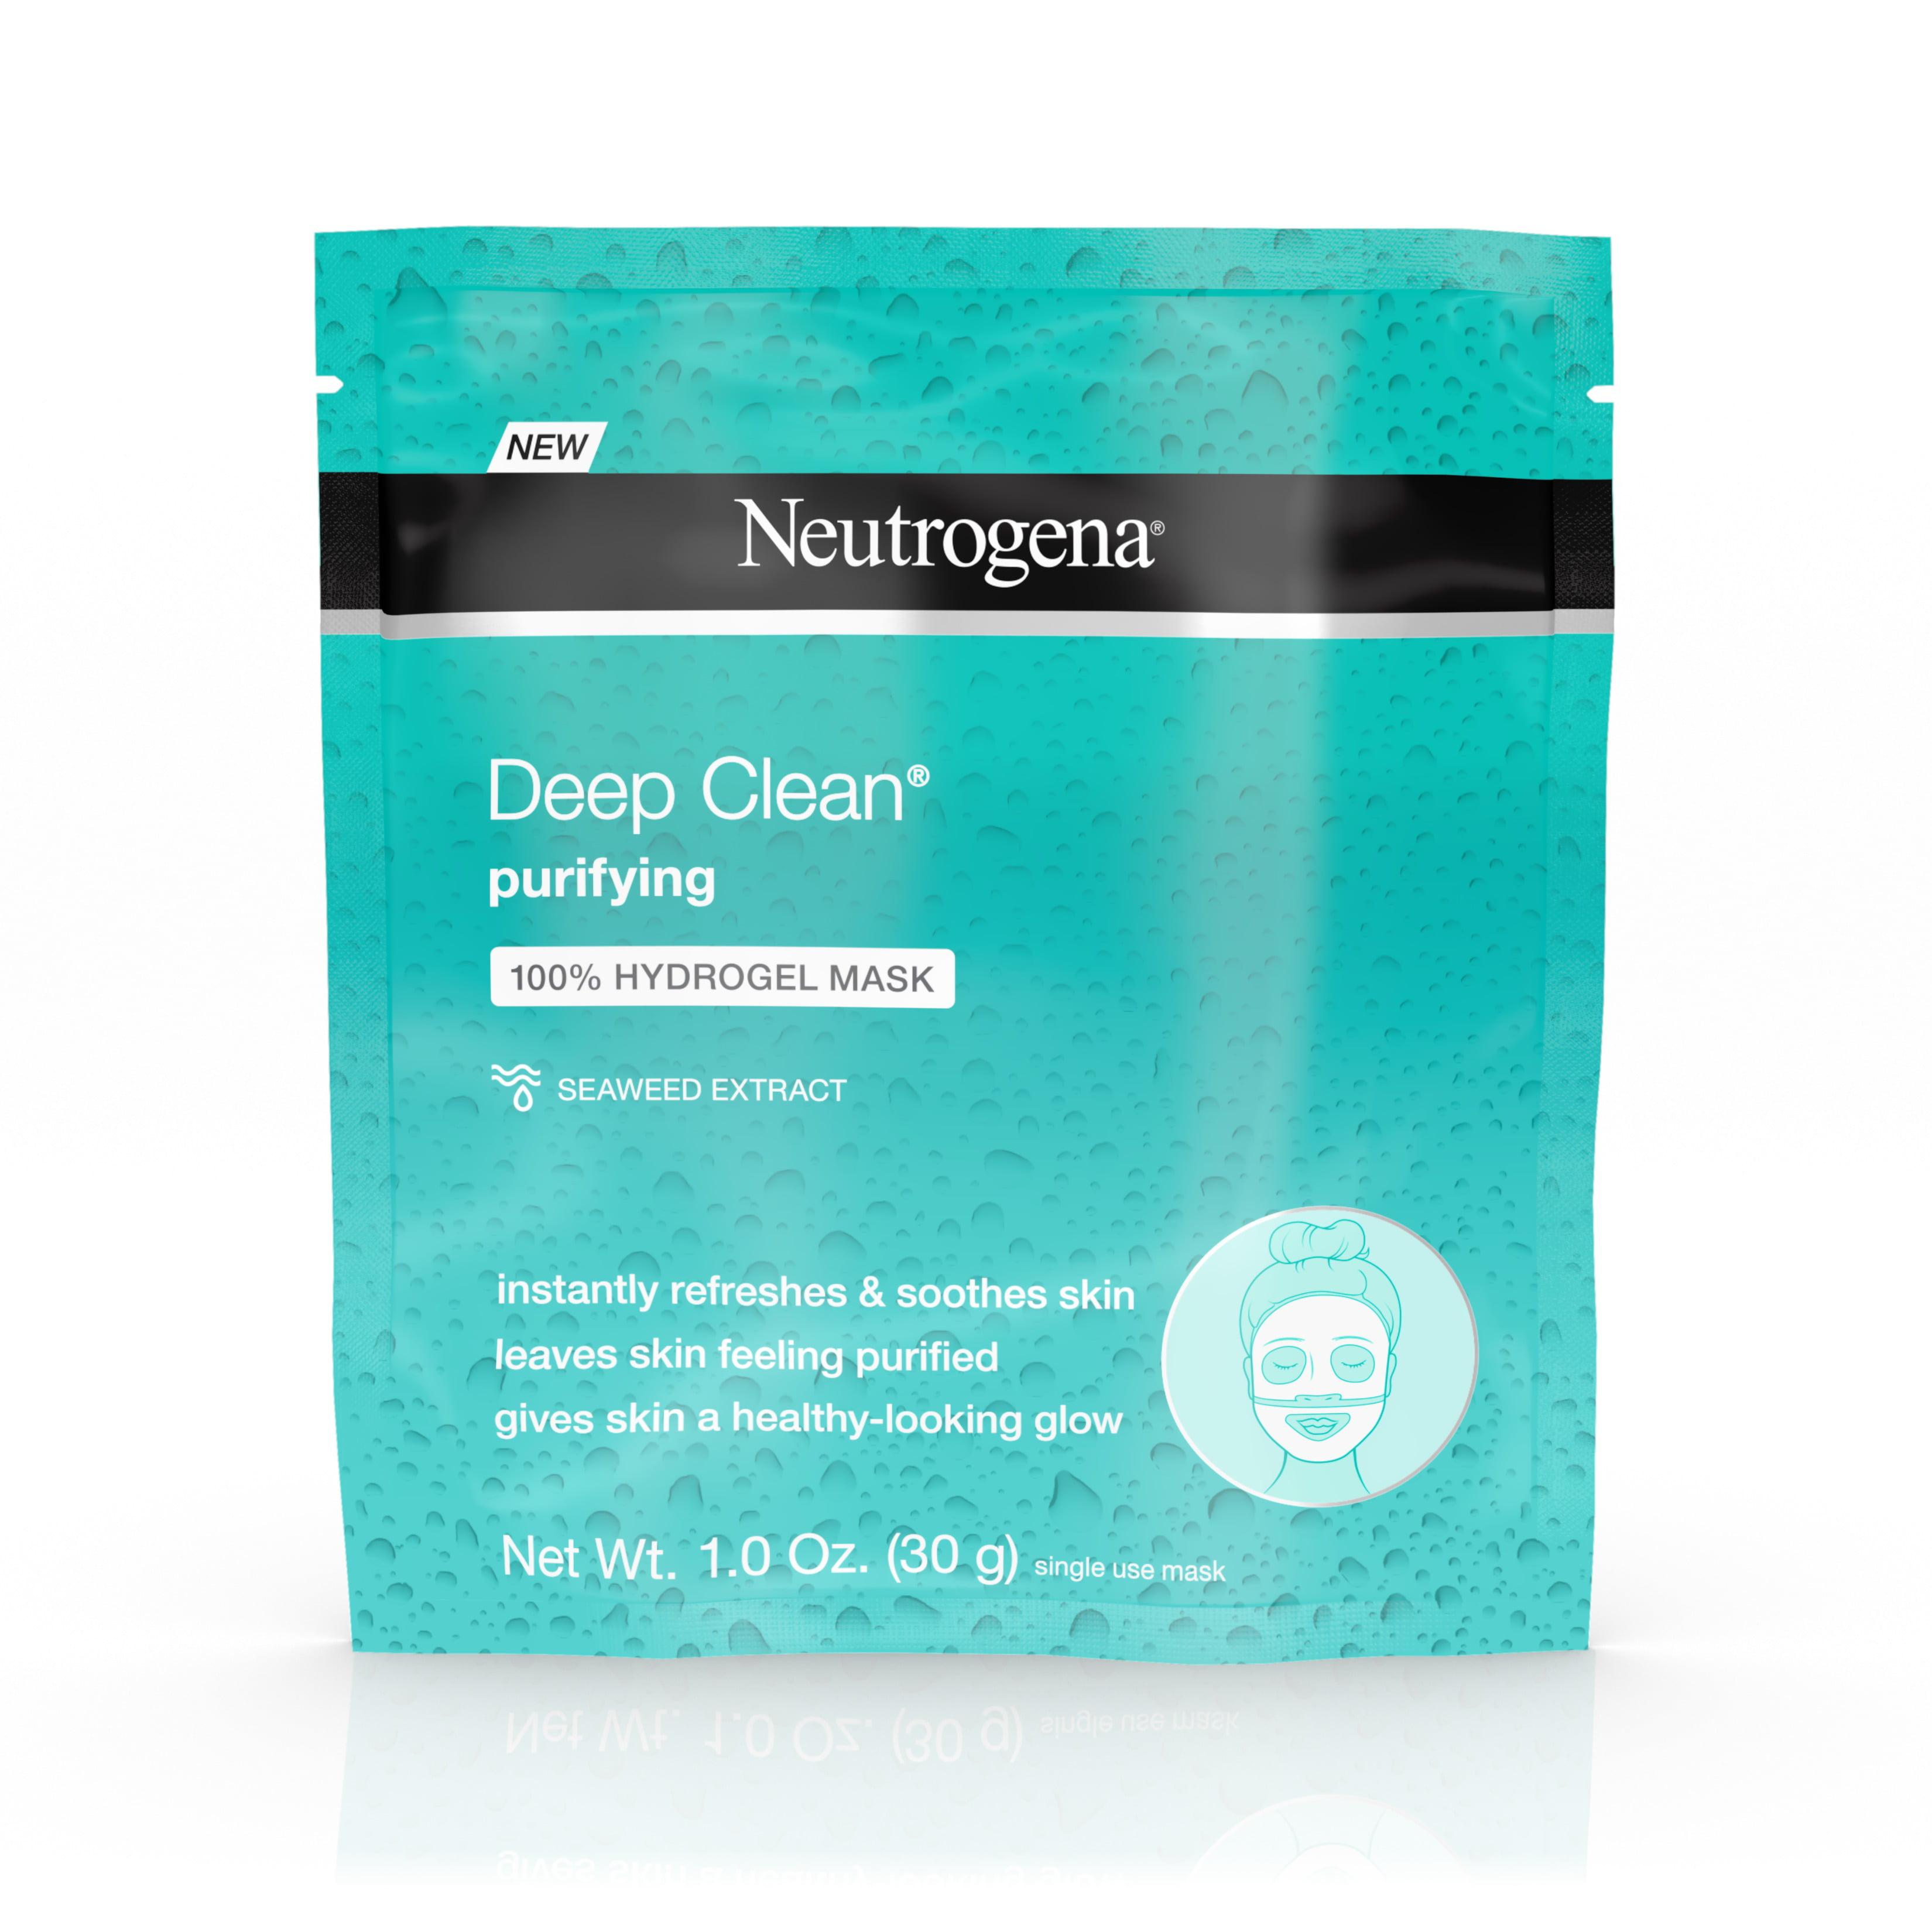 Neutrogena Deep Clean Hydrating 100% Hydrogel Face Mask, 1.0 oz